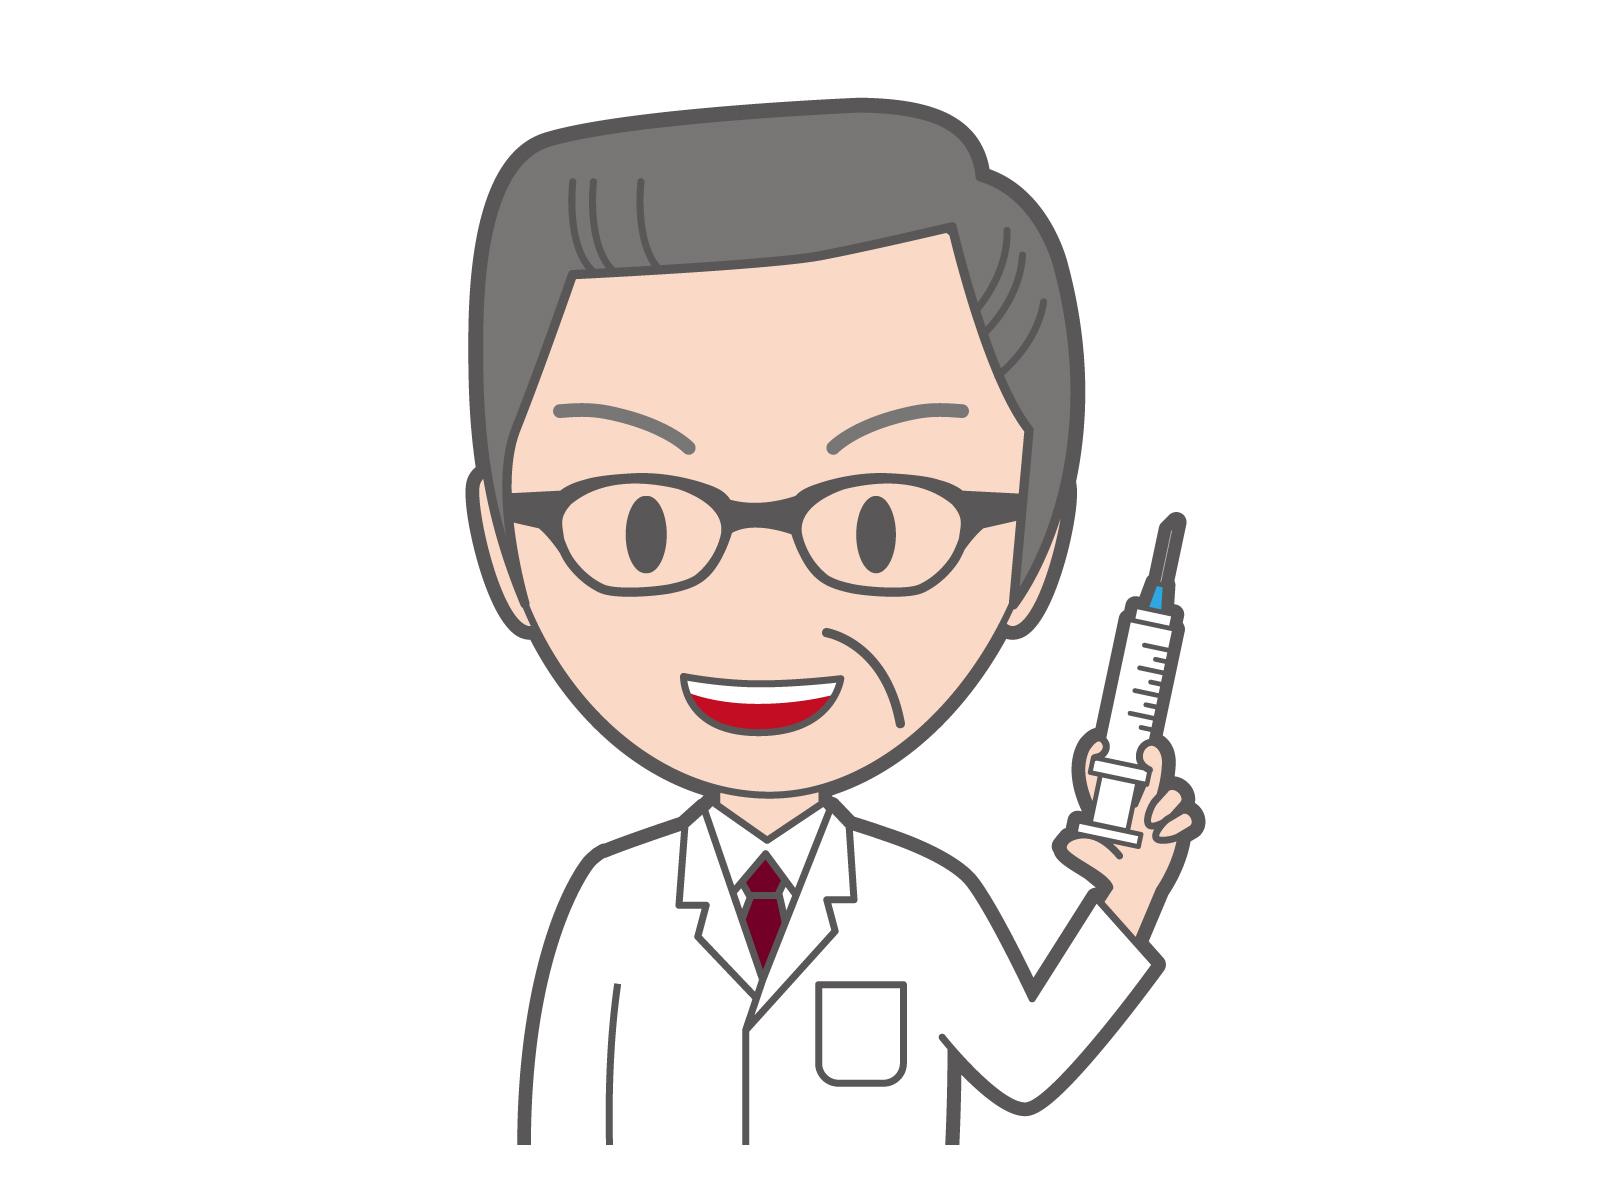 風疹麻疹ワクチンを接種した娘に出た副反応。川崎病と間違わられる